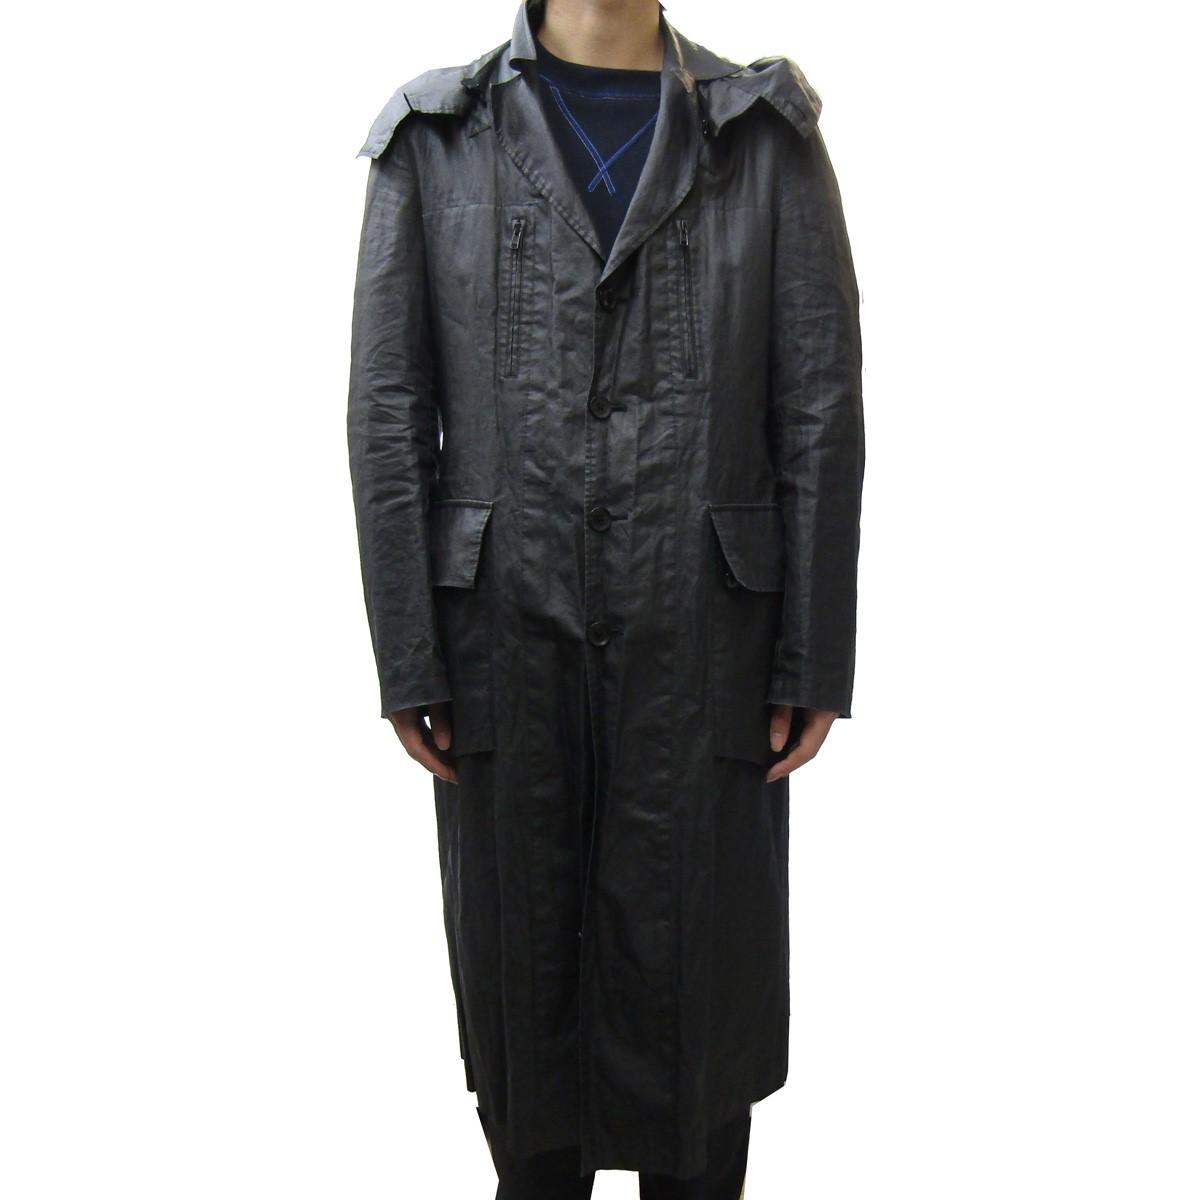 【中古】YOHJI YAMAMOTO pour homme 2008SS リネンフーデットロングコート/敗残兵期 ブラック サイズ:3 【210520】(ヨウジヤマモトプールオム)